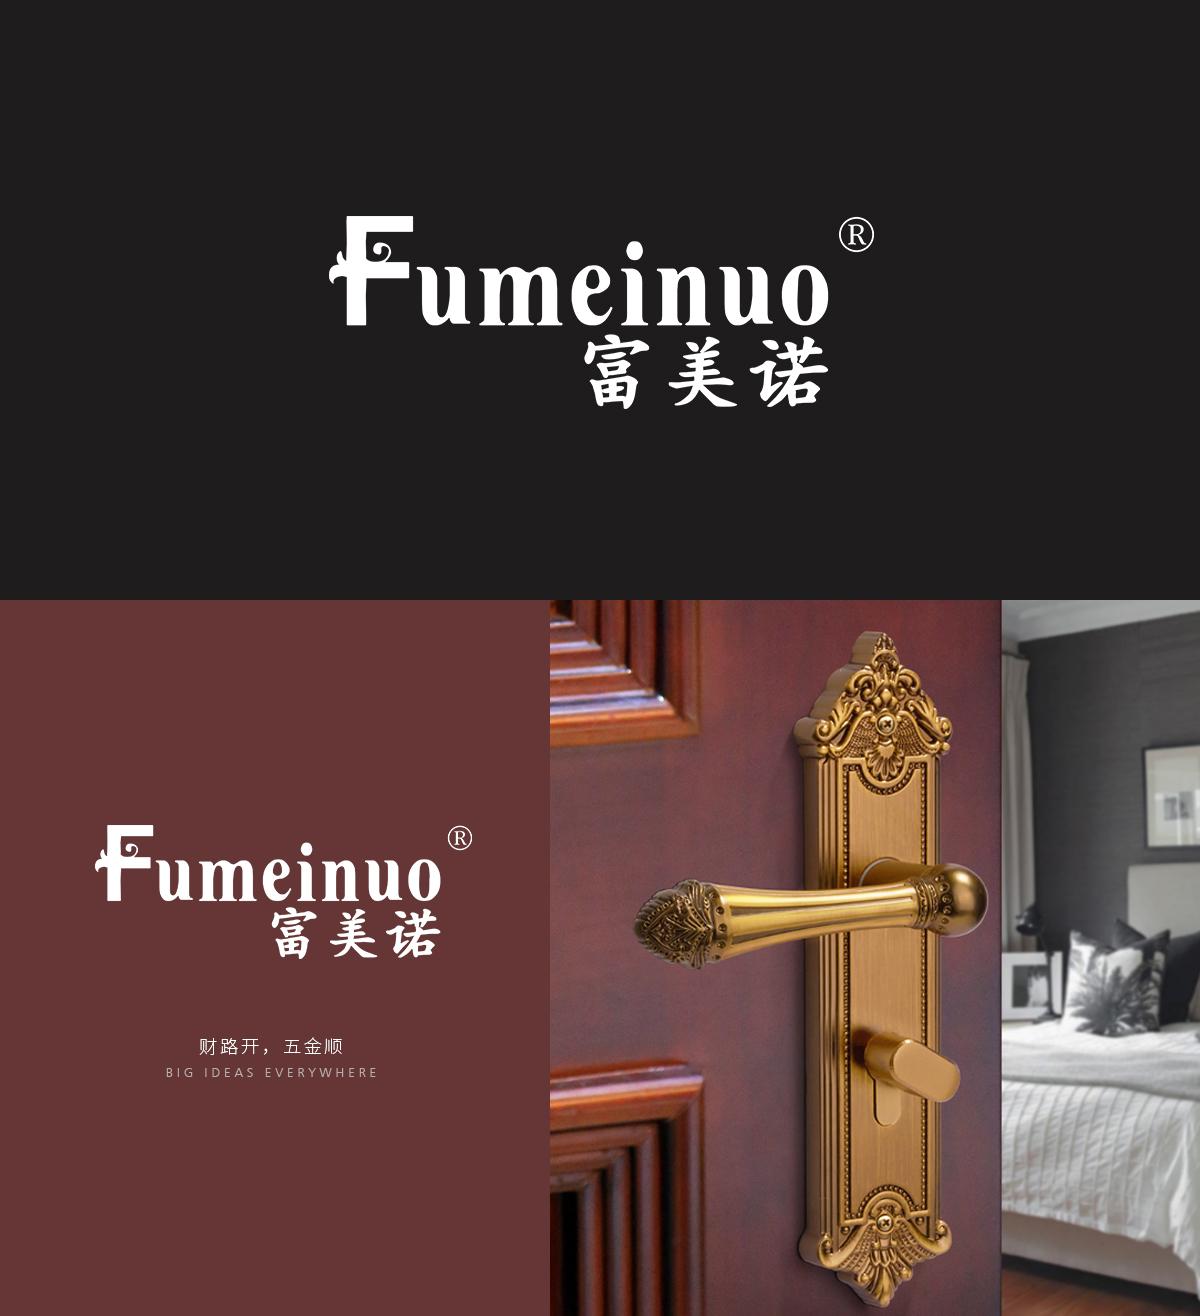 富美诺 FUMEINUO